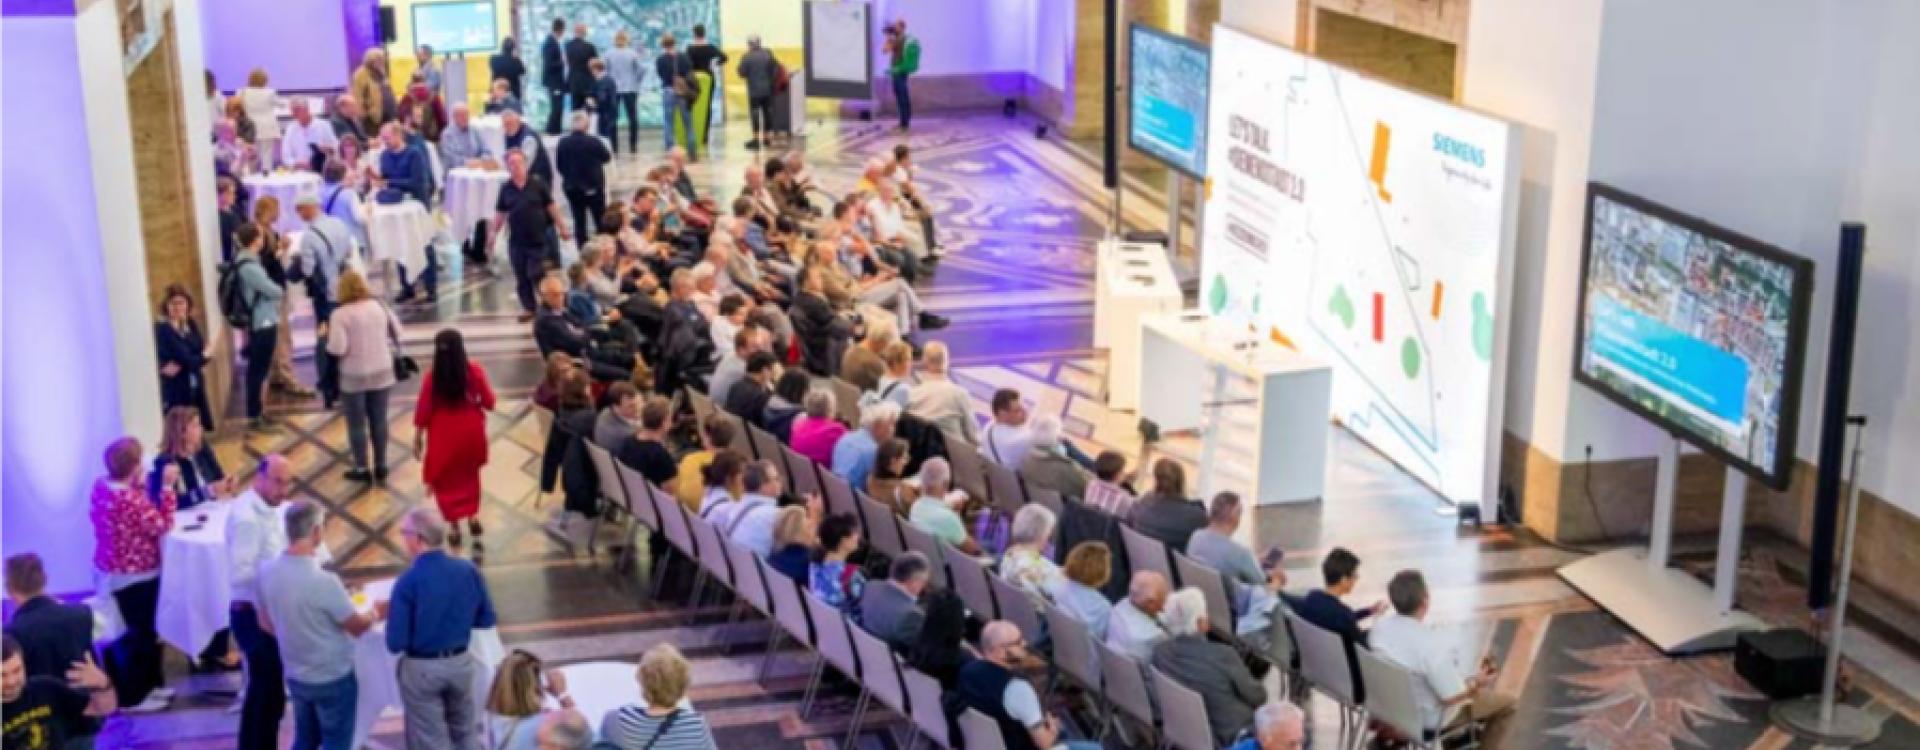 Öffentliches Forum zum städtebaulichen Wettbewerb